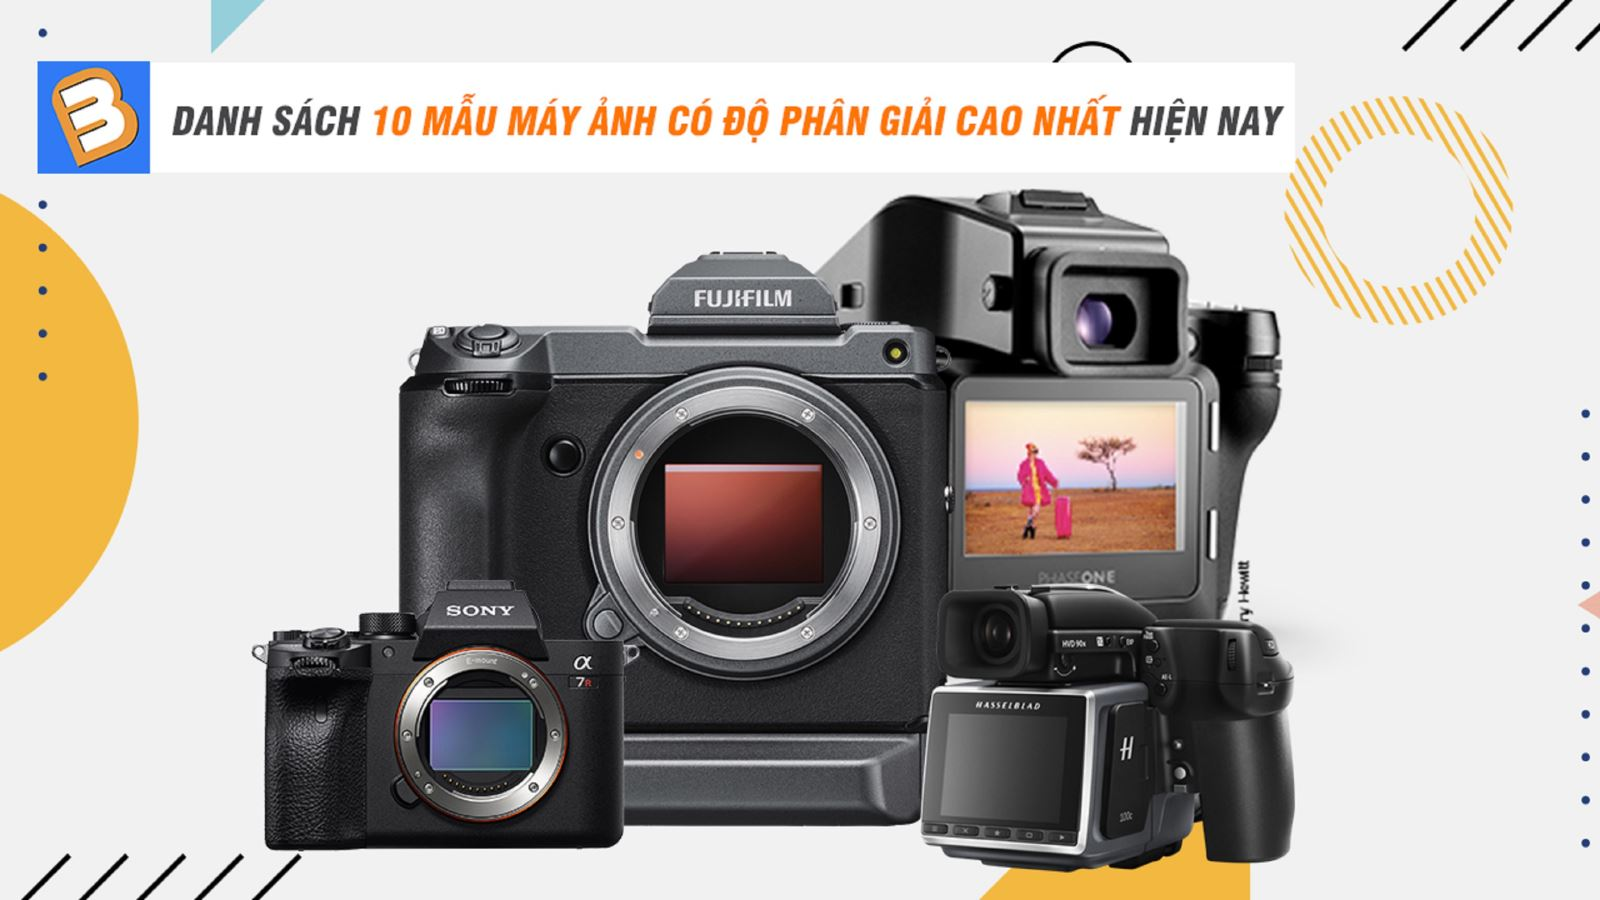 Danh sách 10 mẫu máy ảnhcó độ phân giải cao nhất hiện nay